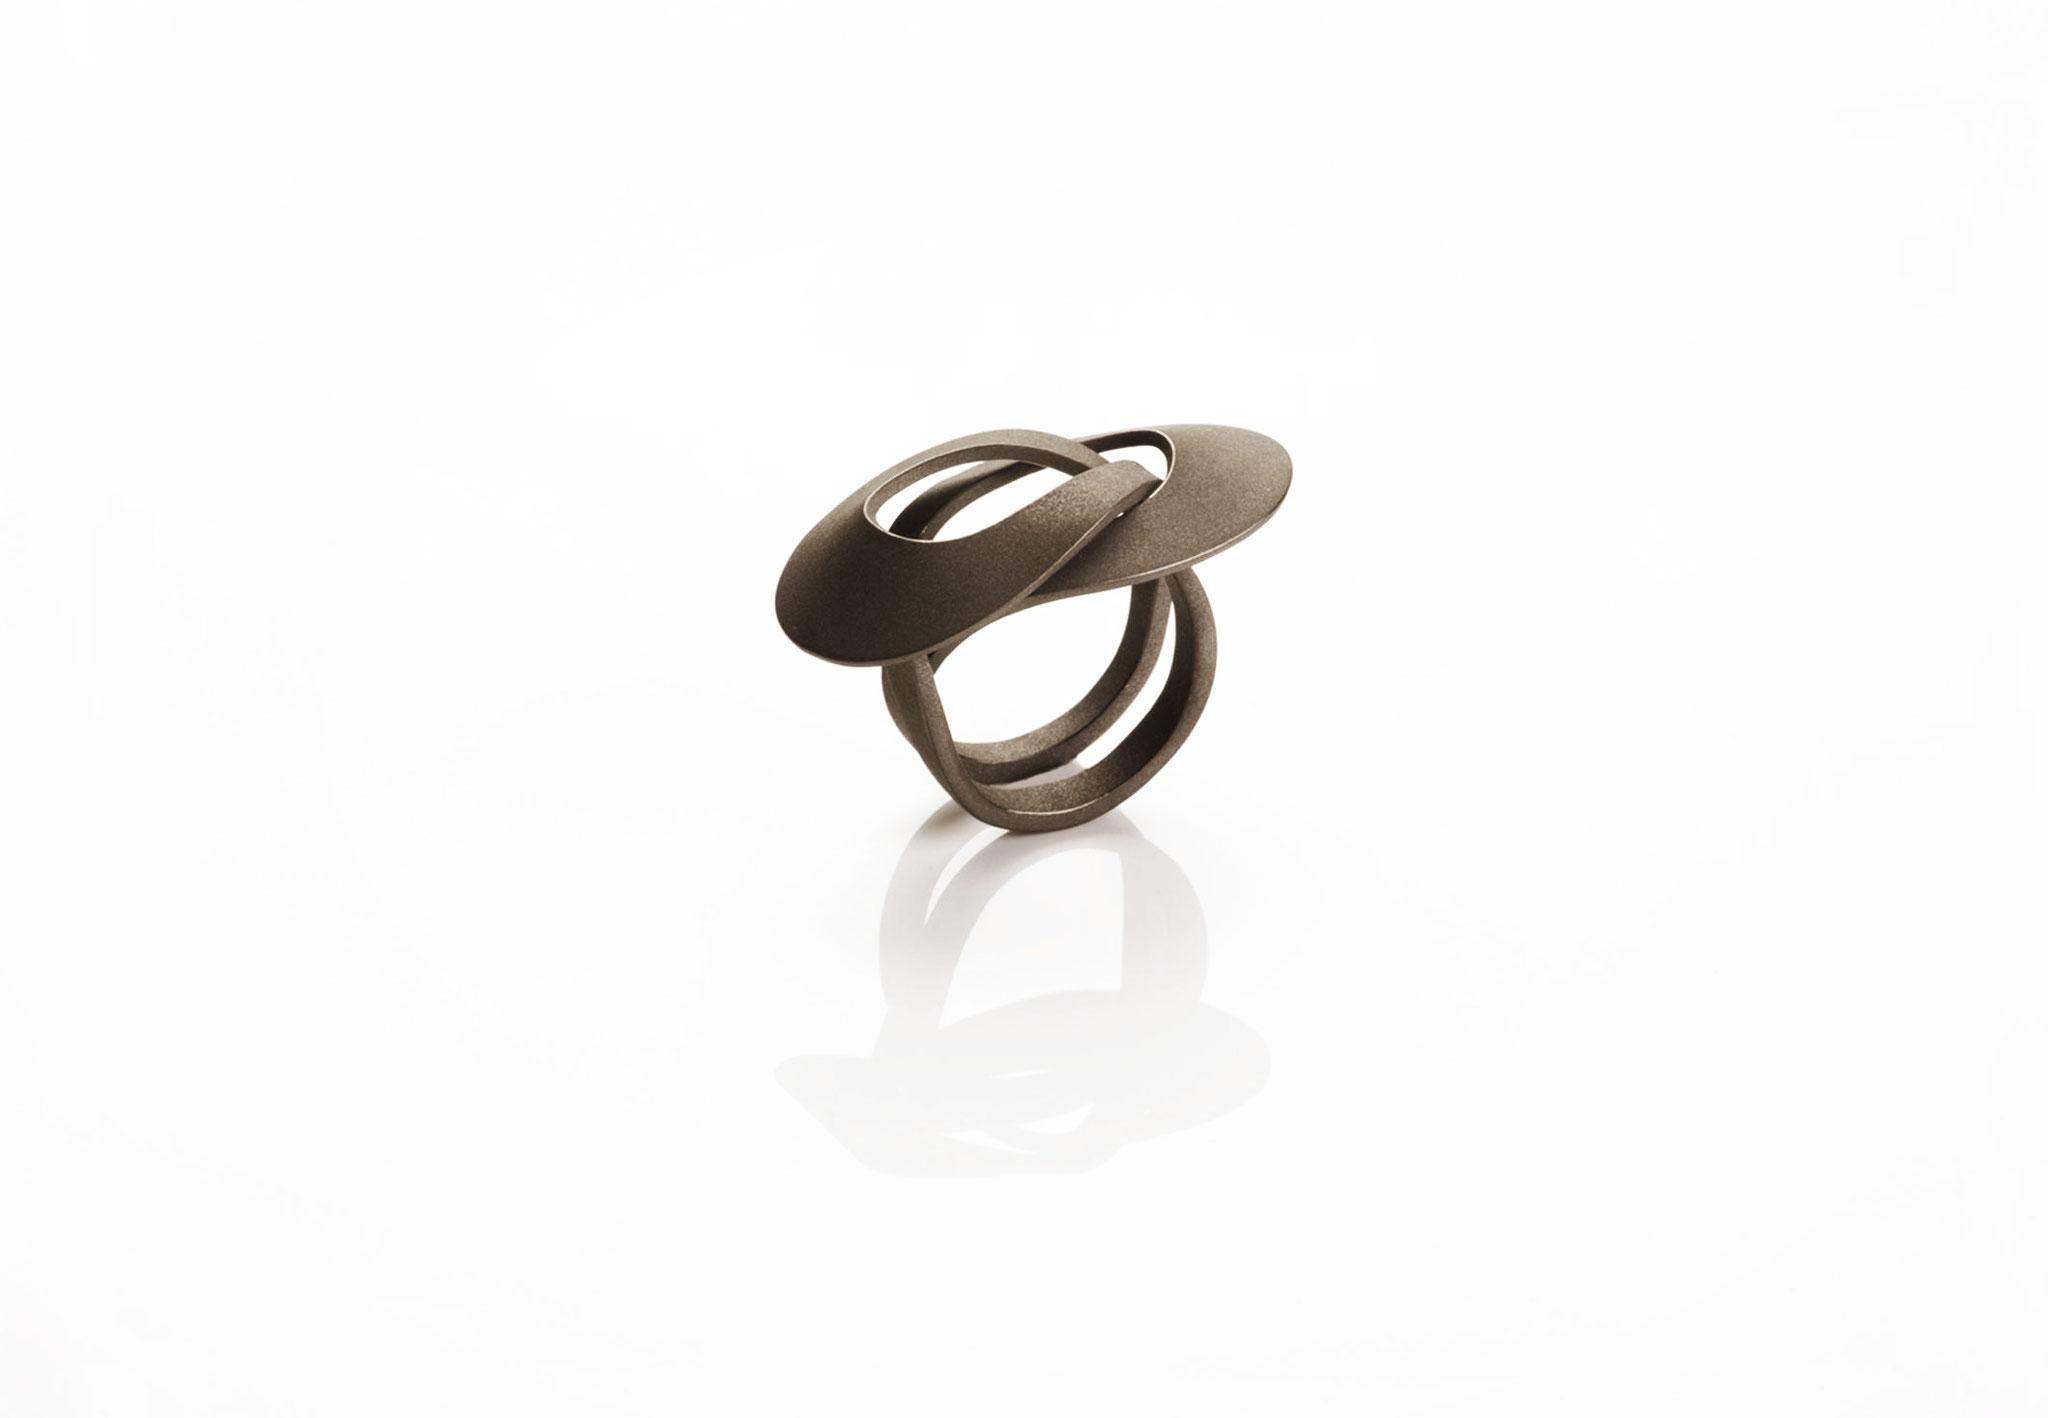 Wendepunkt Ring M3, 925/- Silber, schwarz-rhodiniert